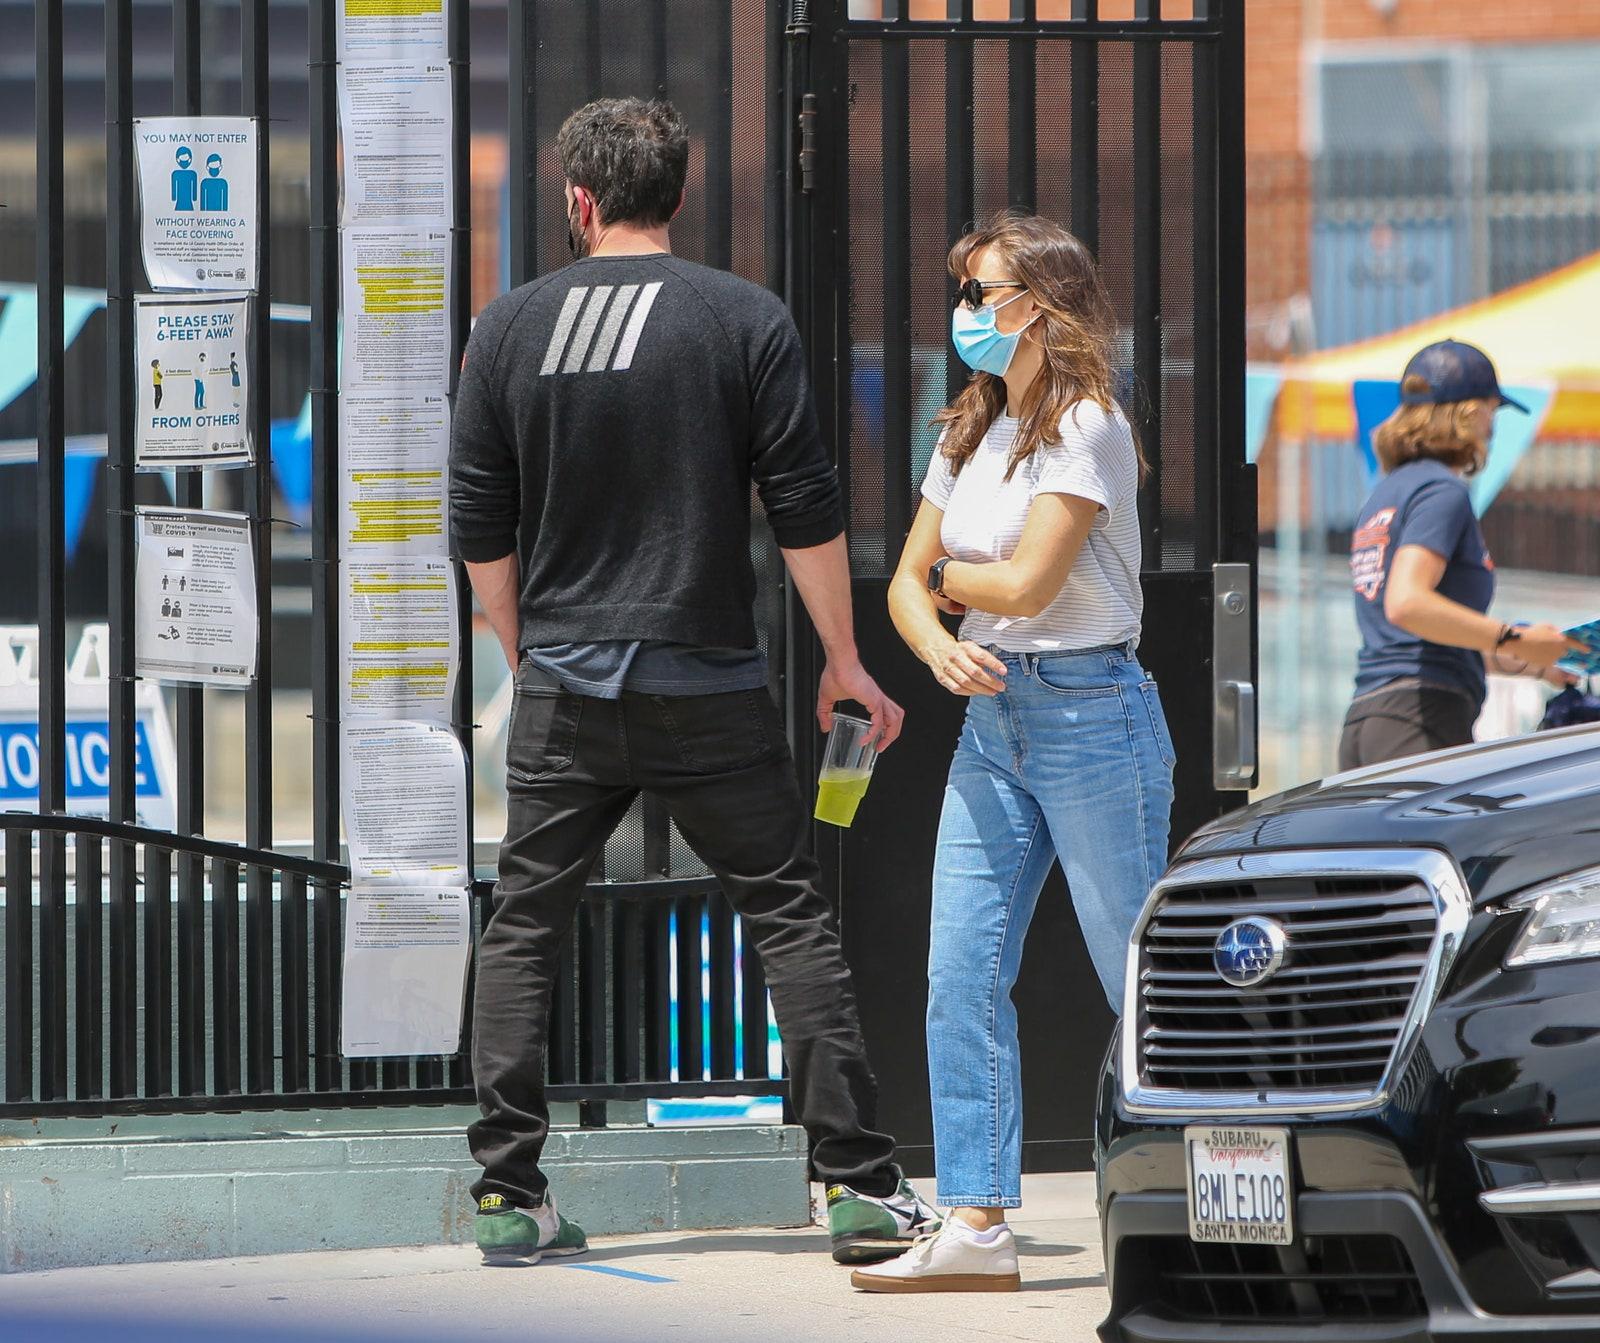 Ben Affleck and Jennifer Garner in Los Angeles May 01 2021.